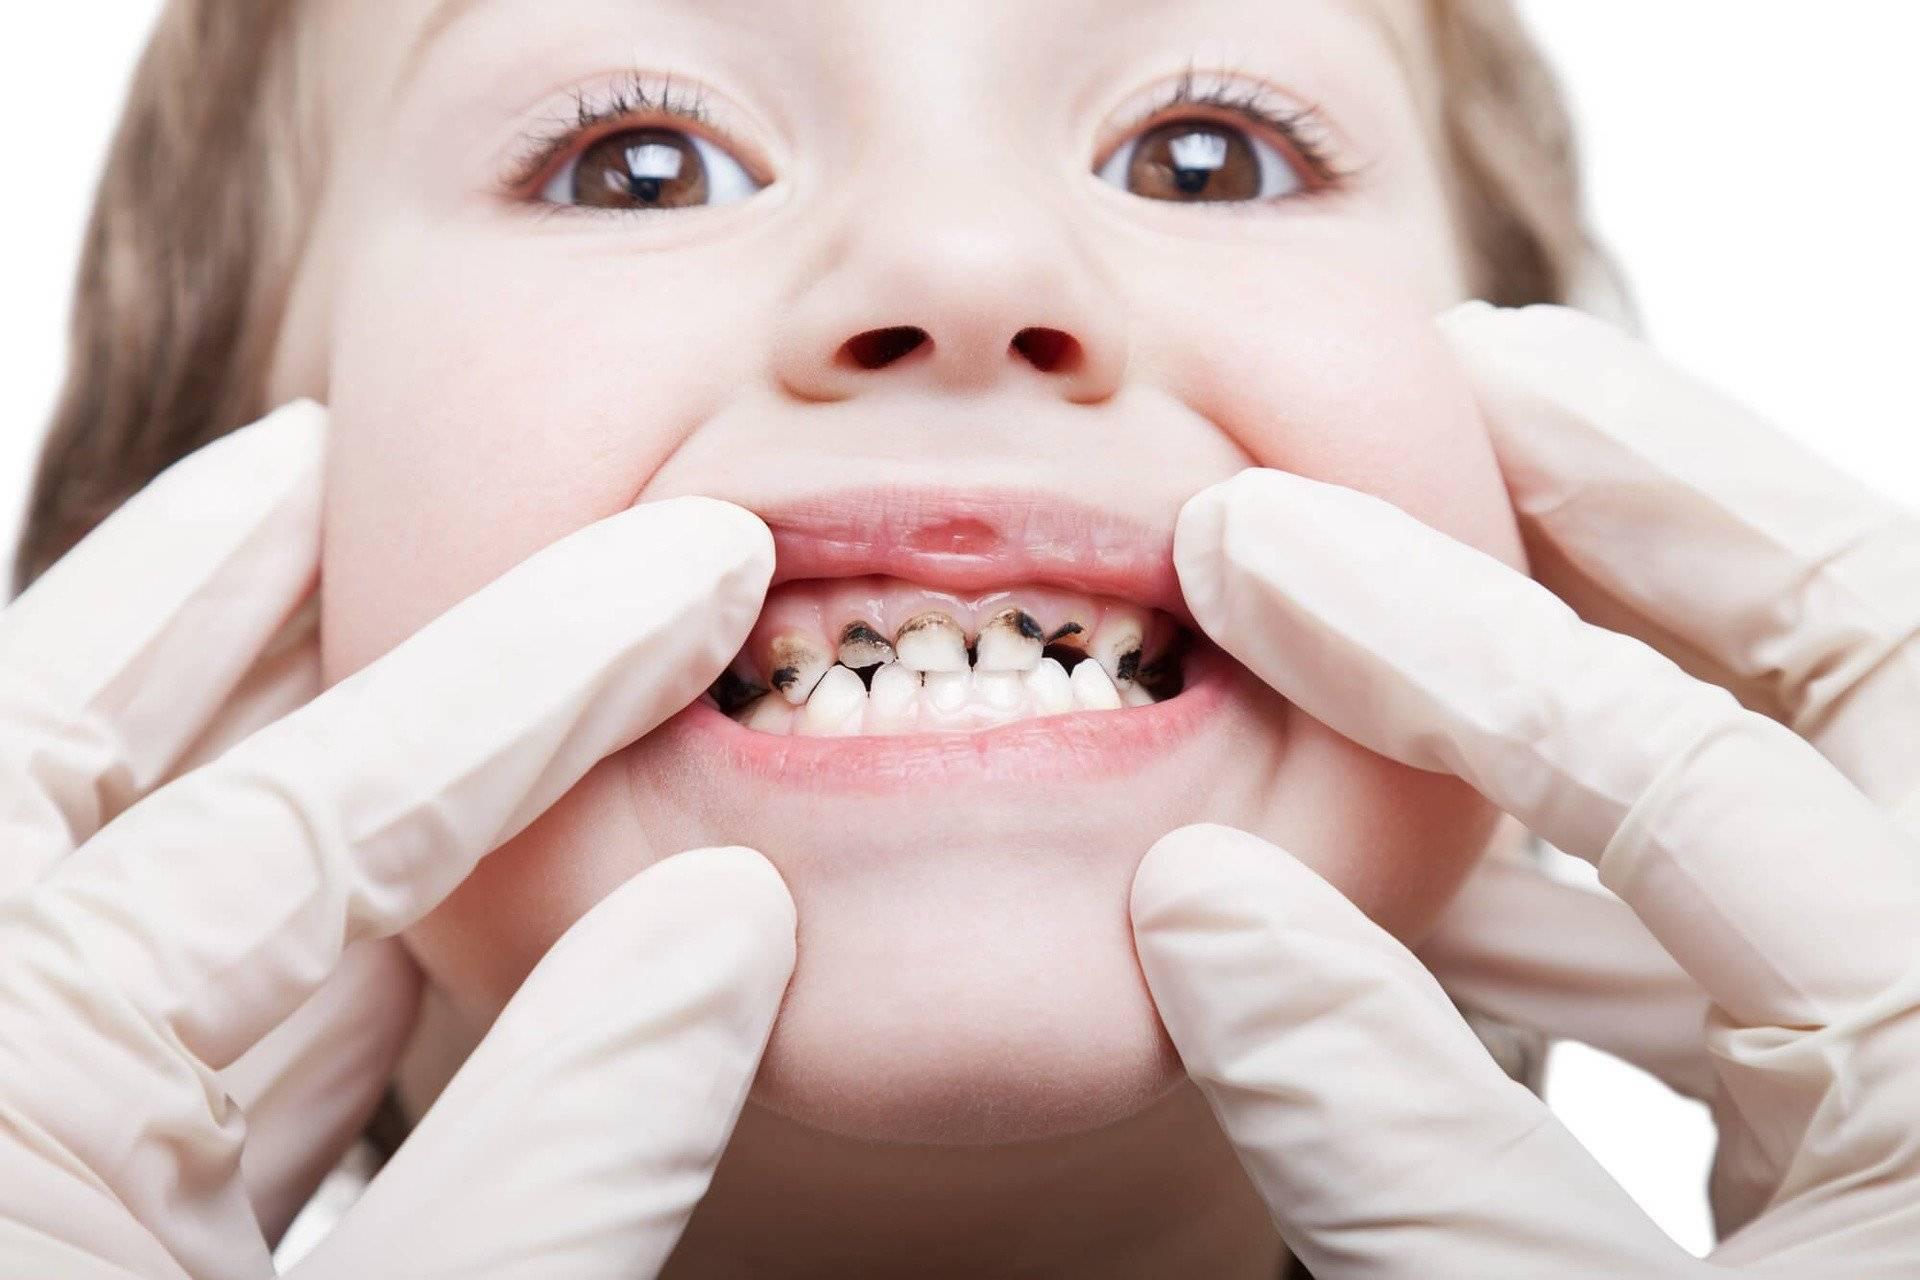 Серебрение молочных зубов: отзывы, комаровский, фото до и после, альтернативы